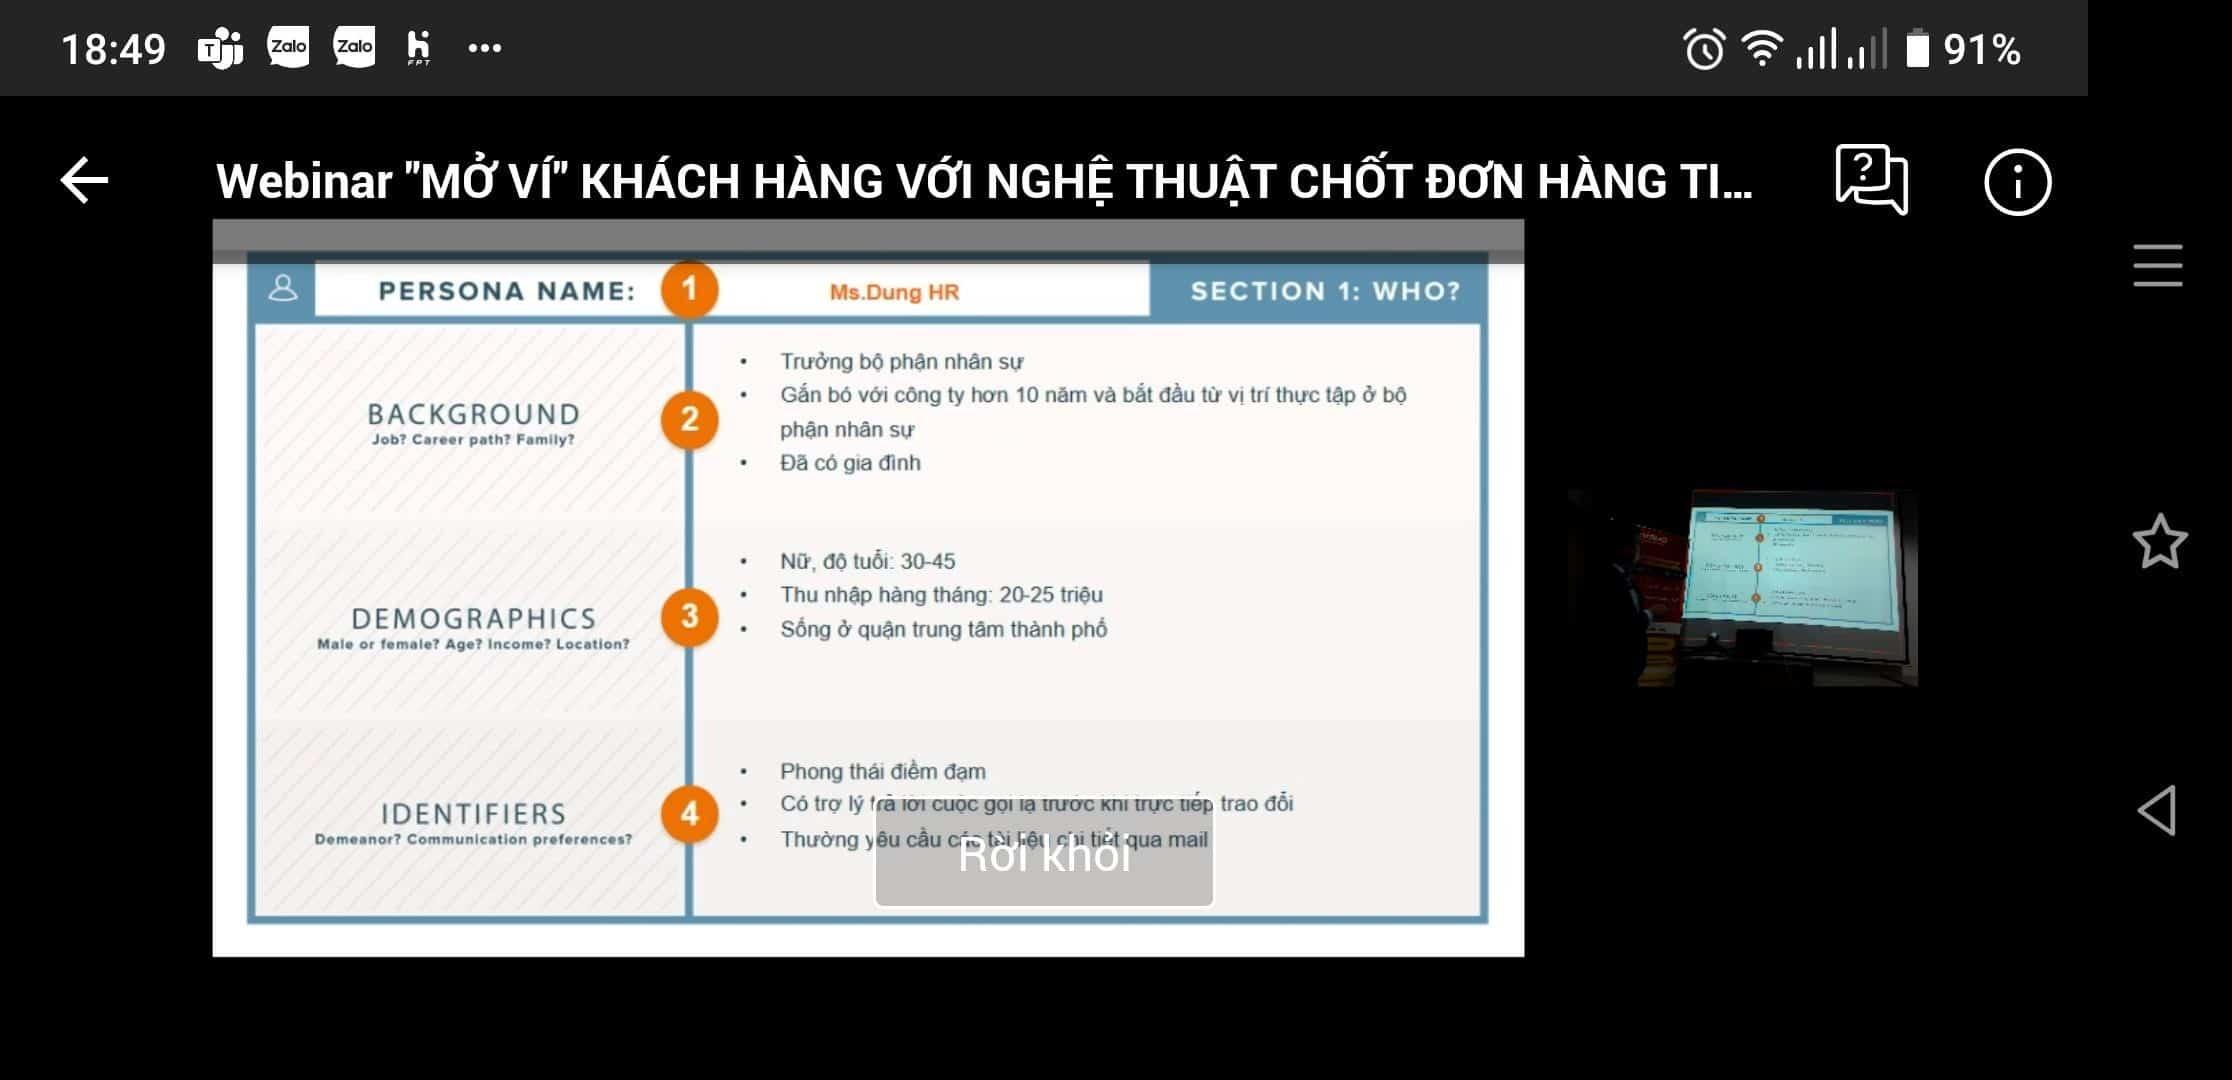 """Buổi Live Webinar """"Mở ví khách hàng với nghệ thuật chốt đơn hàng tinh tế"""" do Mắt Bão tổ chức"""